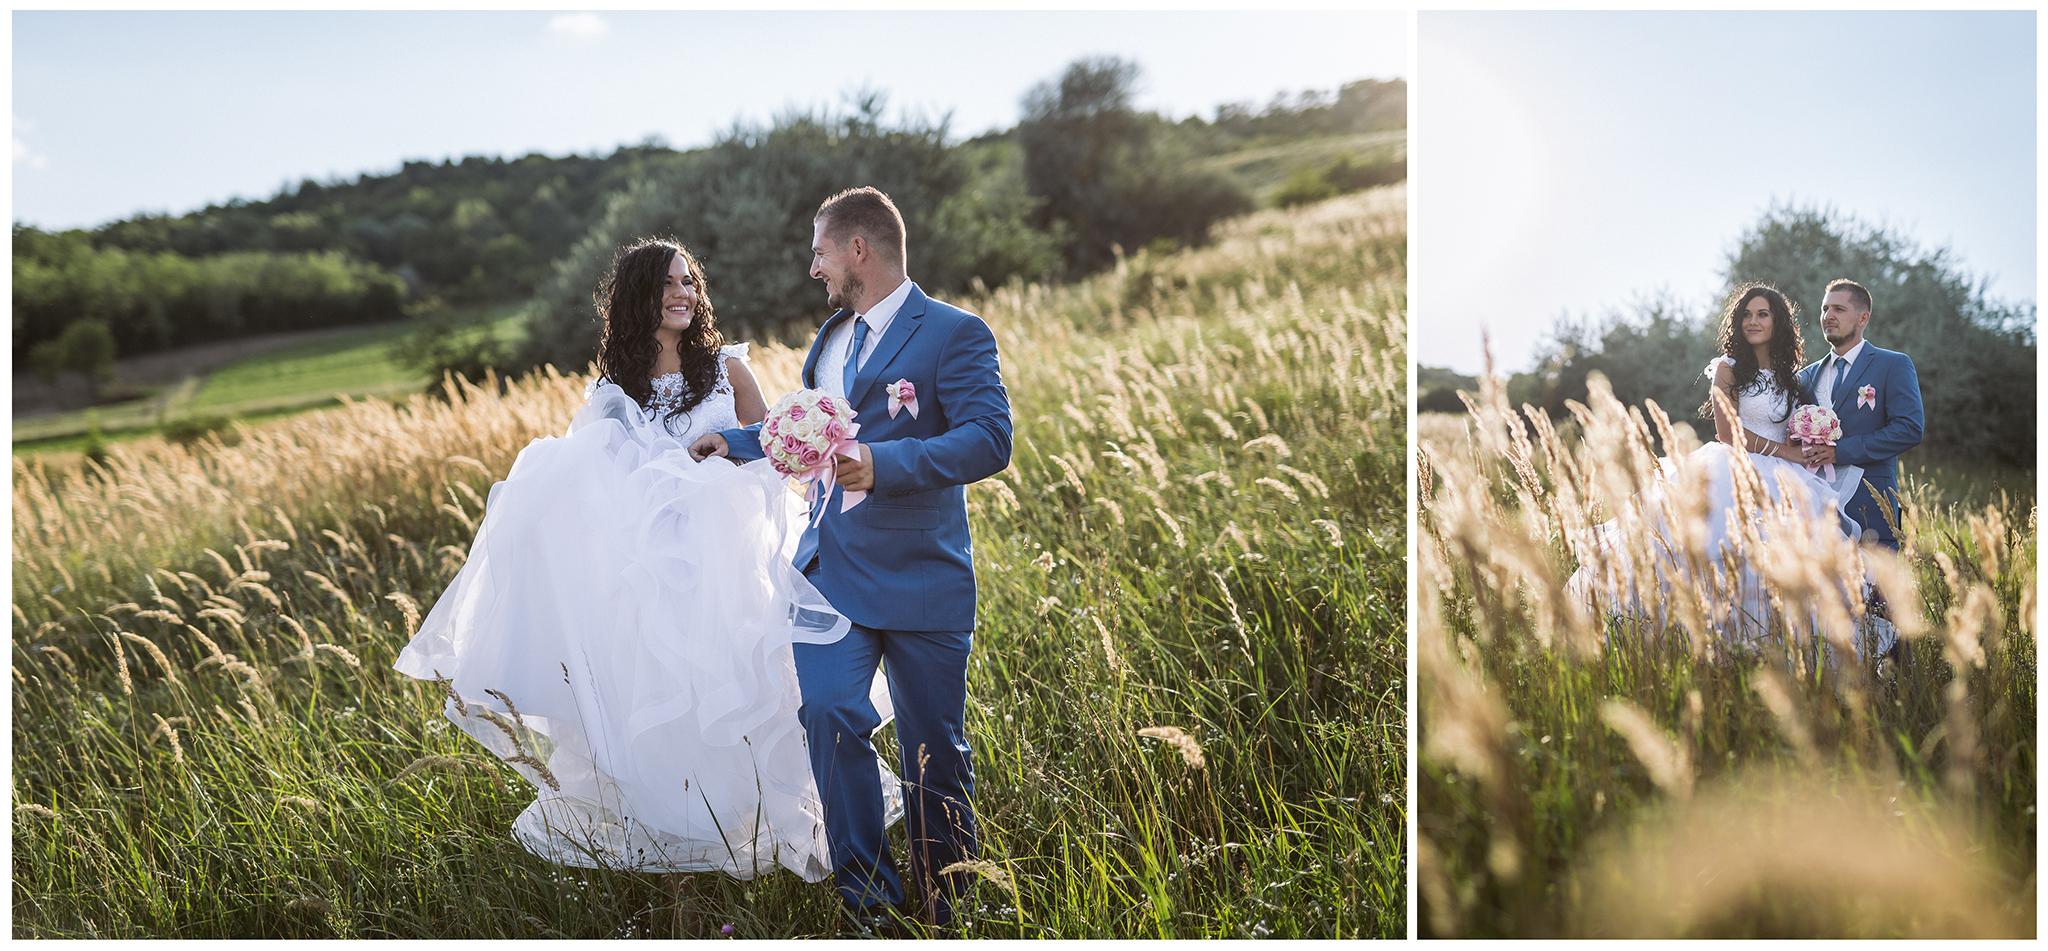 FylepPhoto, esküvőfotózás, magyarország, esküvői fotós, vasmegye, prémium 01.jpg